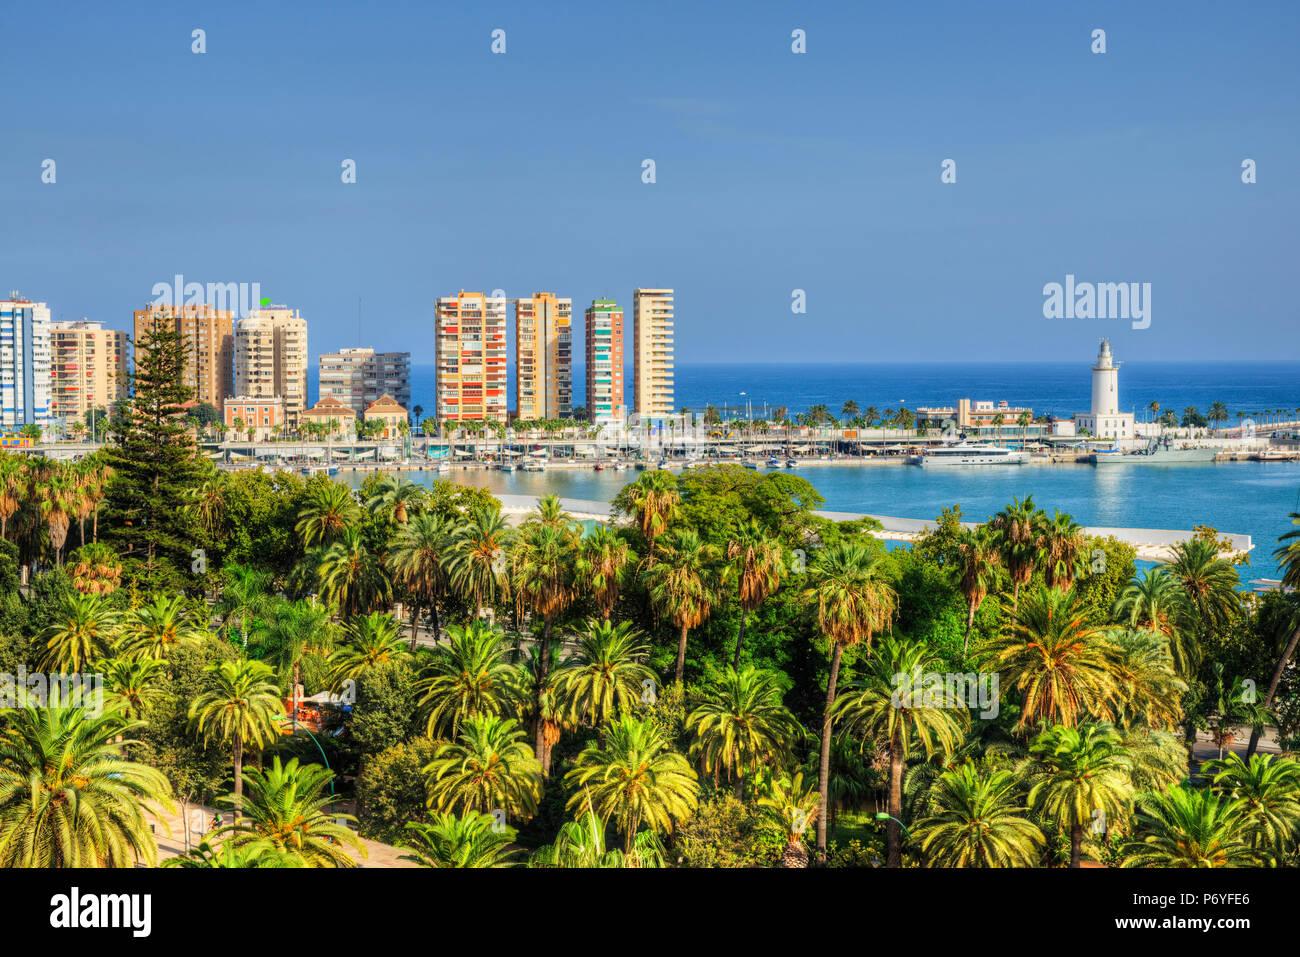 Voir à l'Harbour avec phare, Malaga, Costa del Sol, Andalousie, Espagne Photo Stock